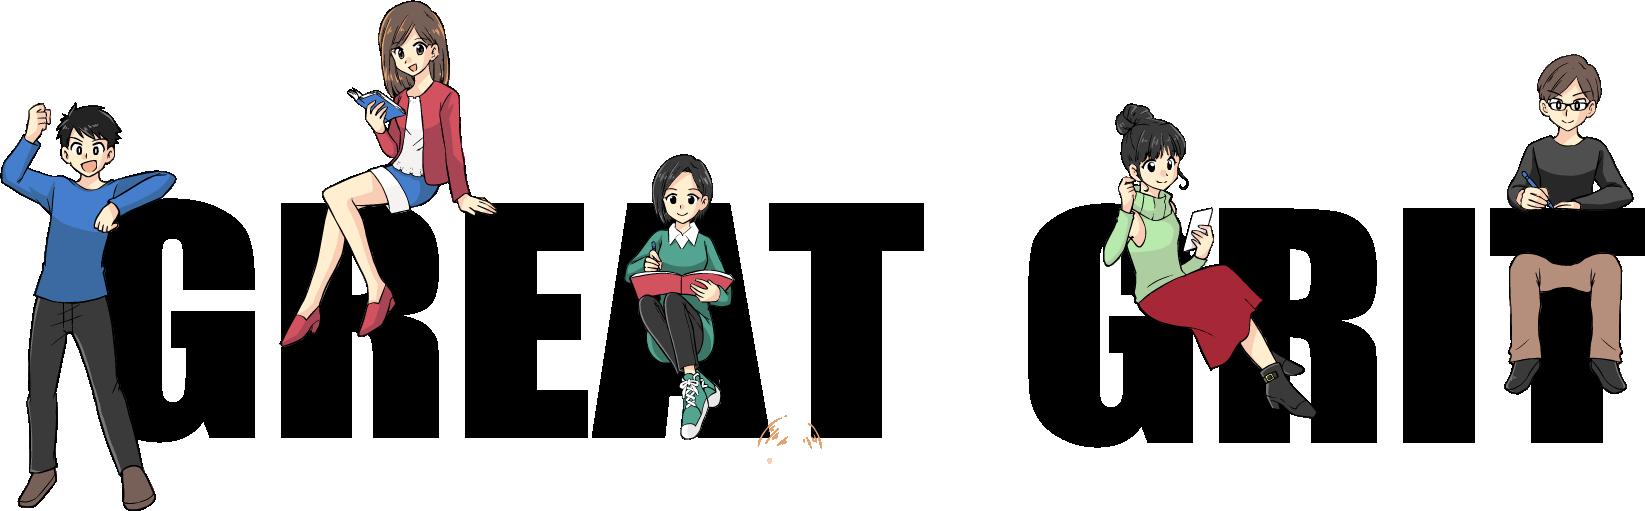 【金沢市の予備校】グレートグリット〜浪人生専門/個別指導